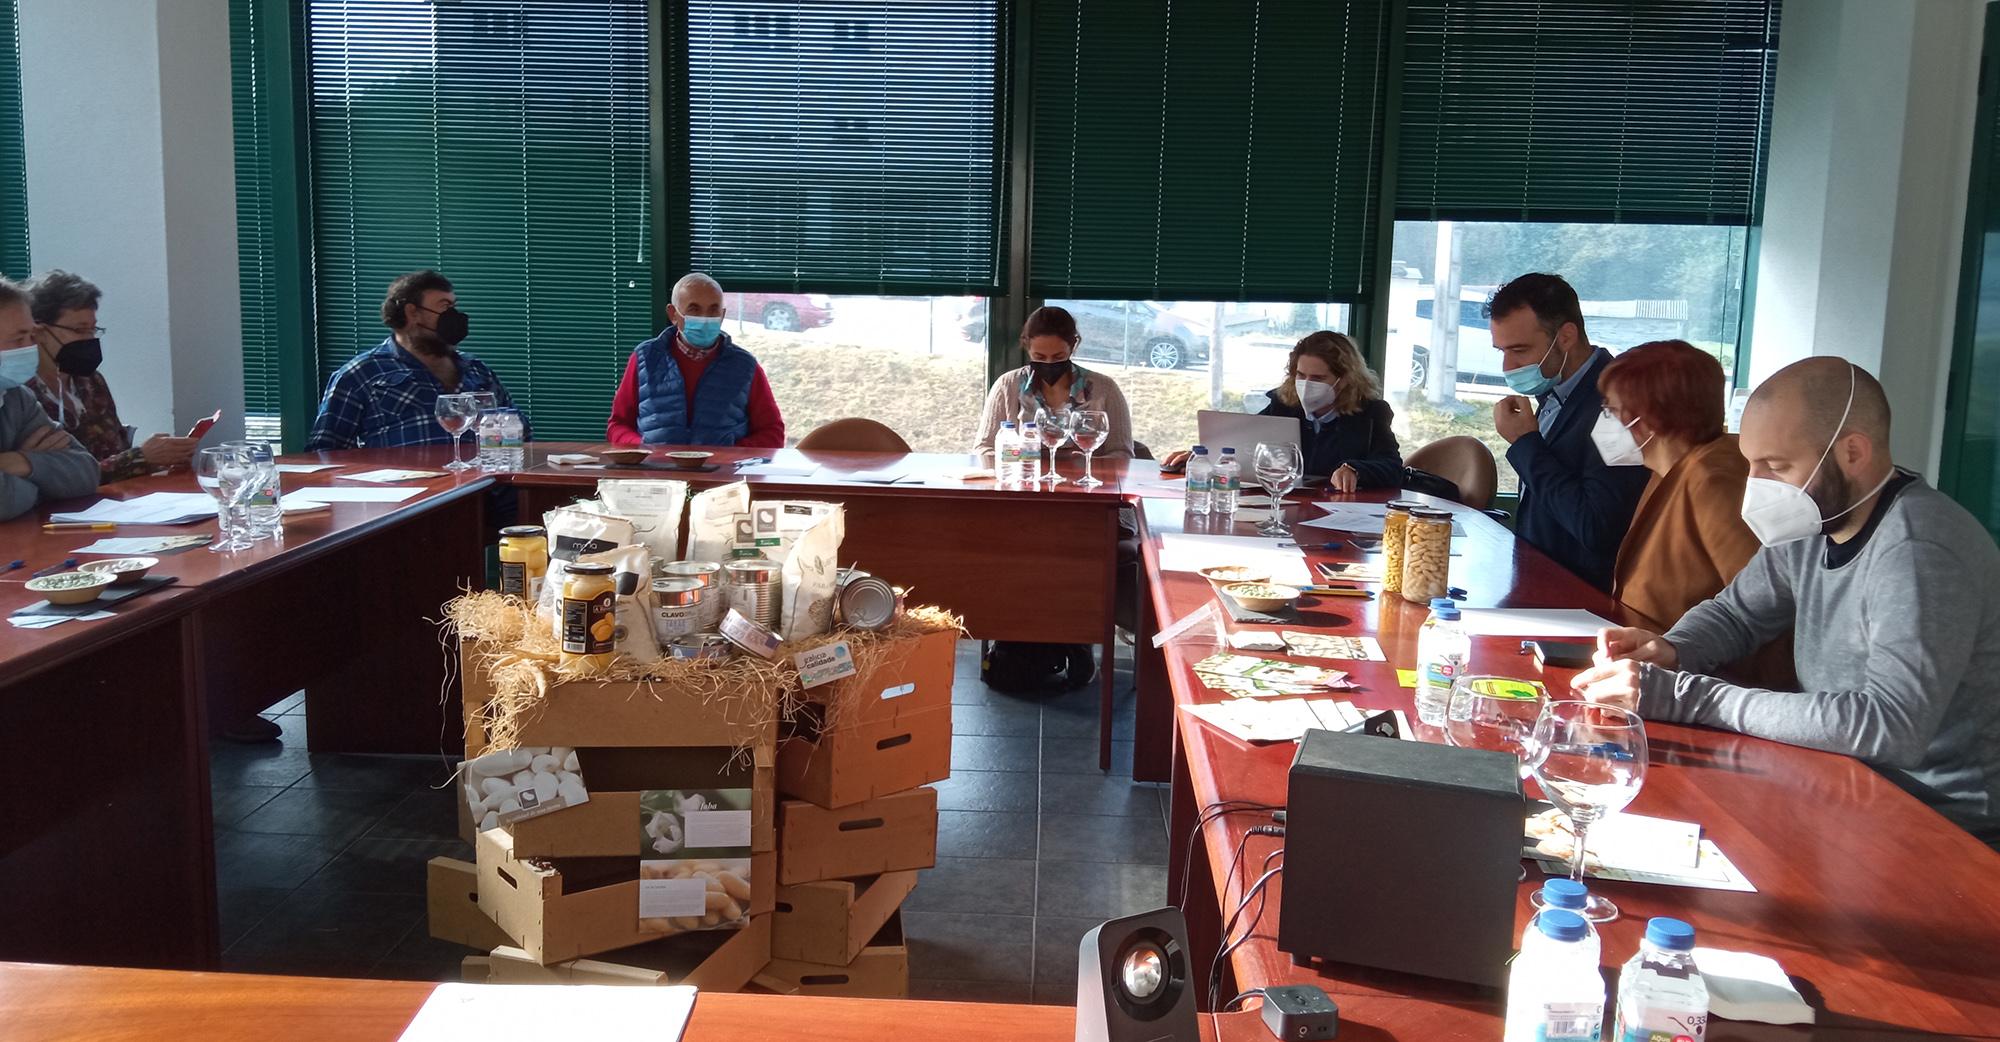 Hoy se presentó el proyecto Posta en valor da Faba de Lourenzá: sanidade da semente, cultivo e comercialización